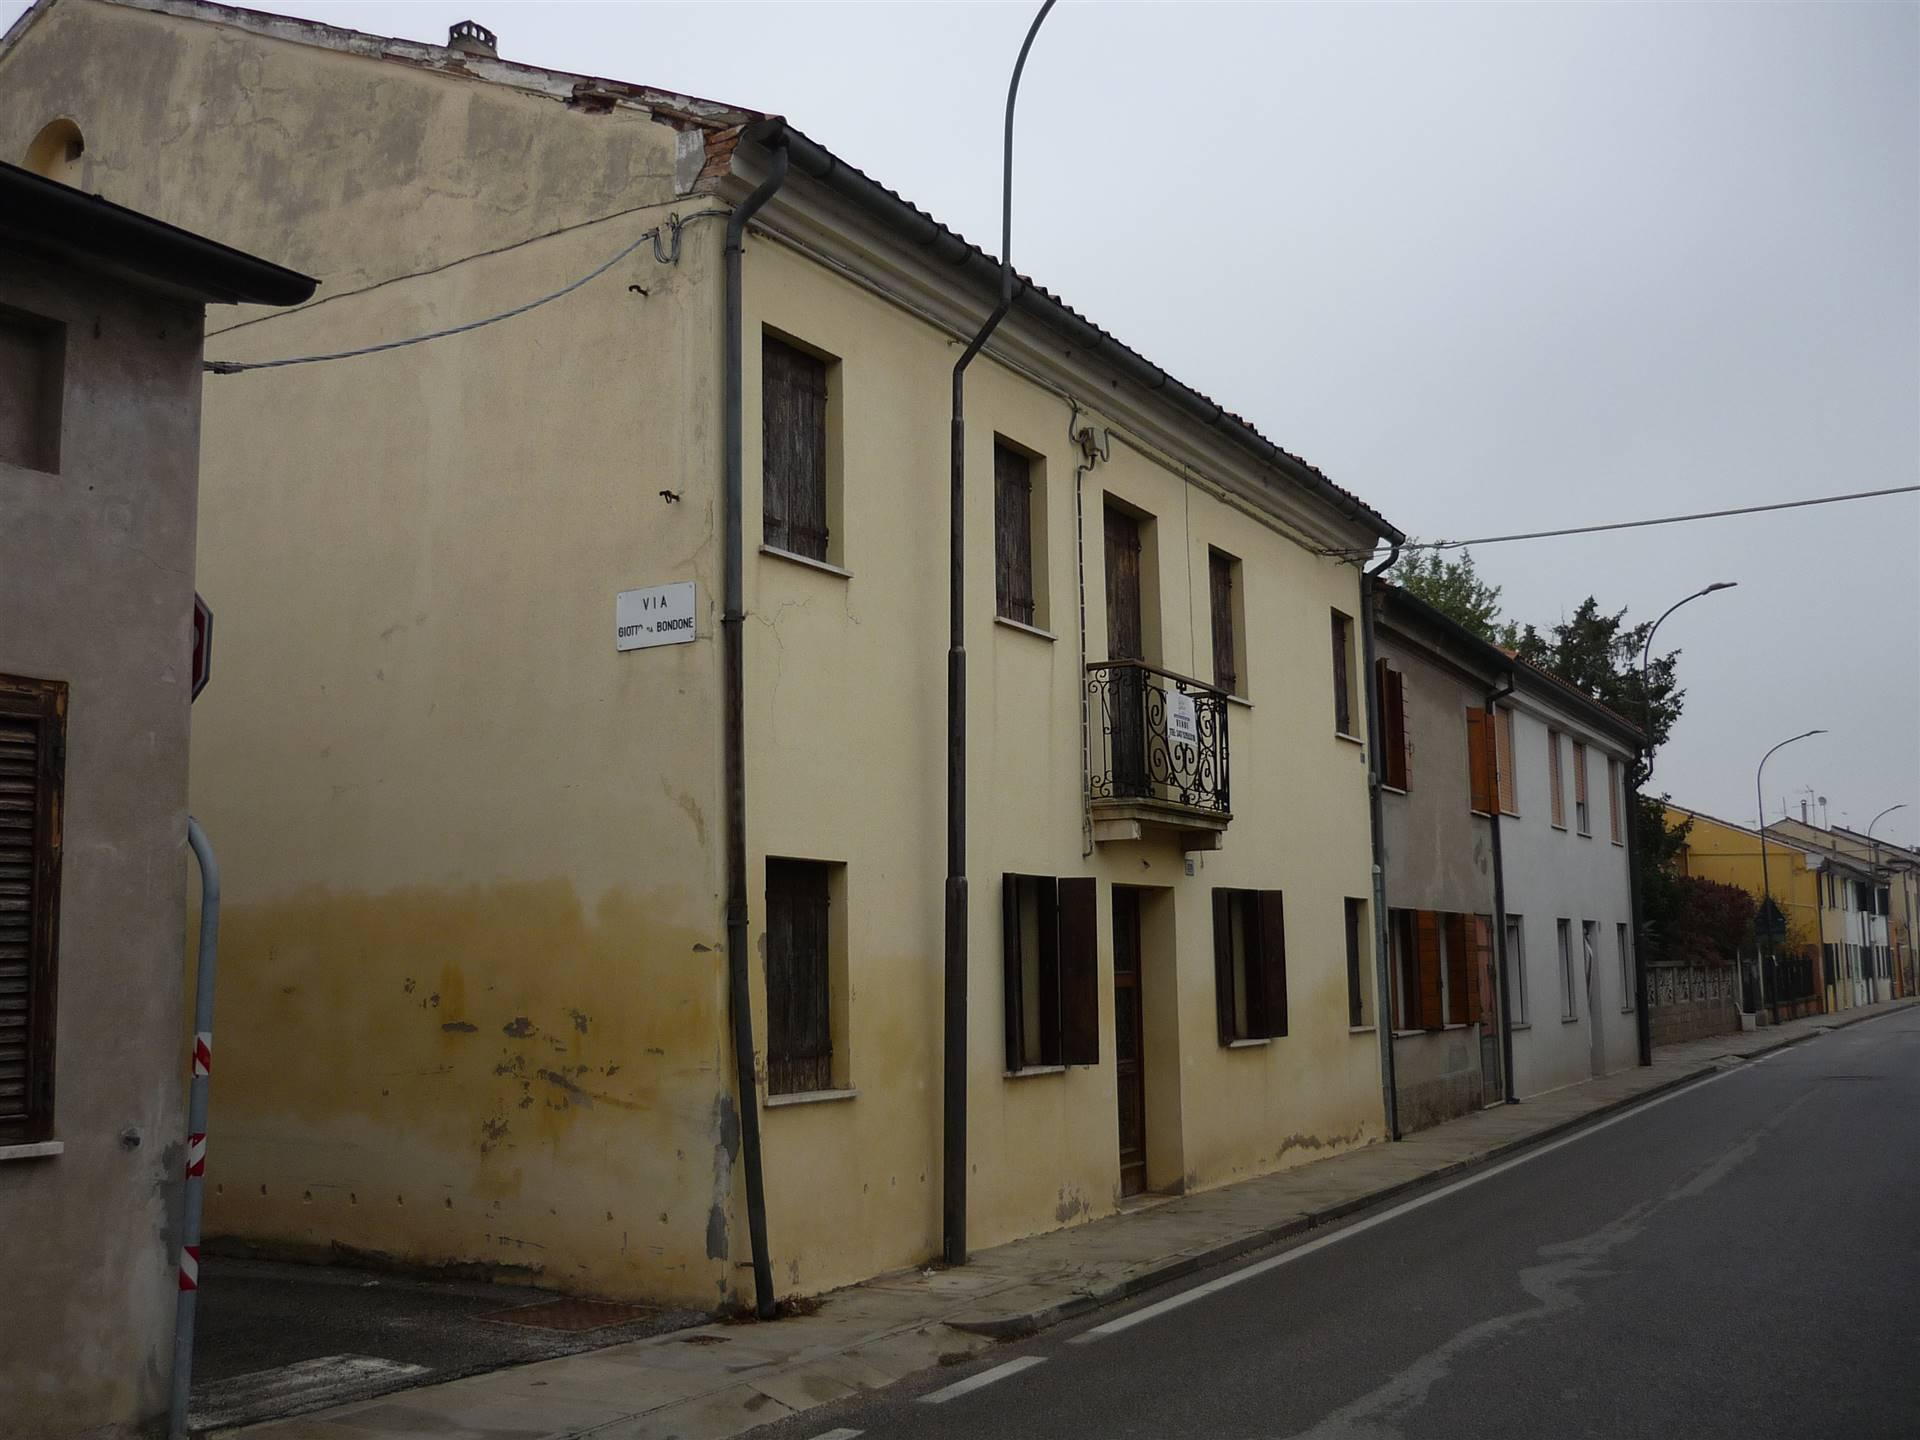 Villa a schieraaCOSTA DI ROVIGO